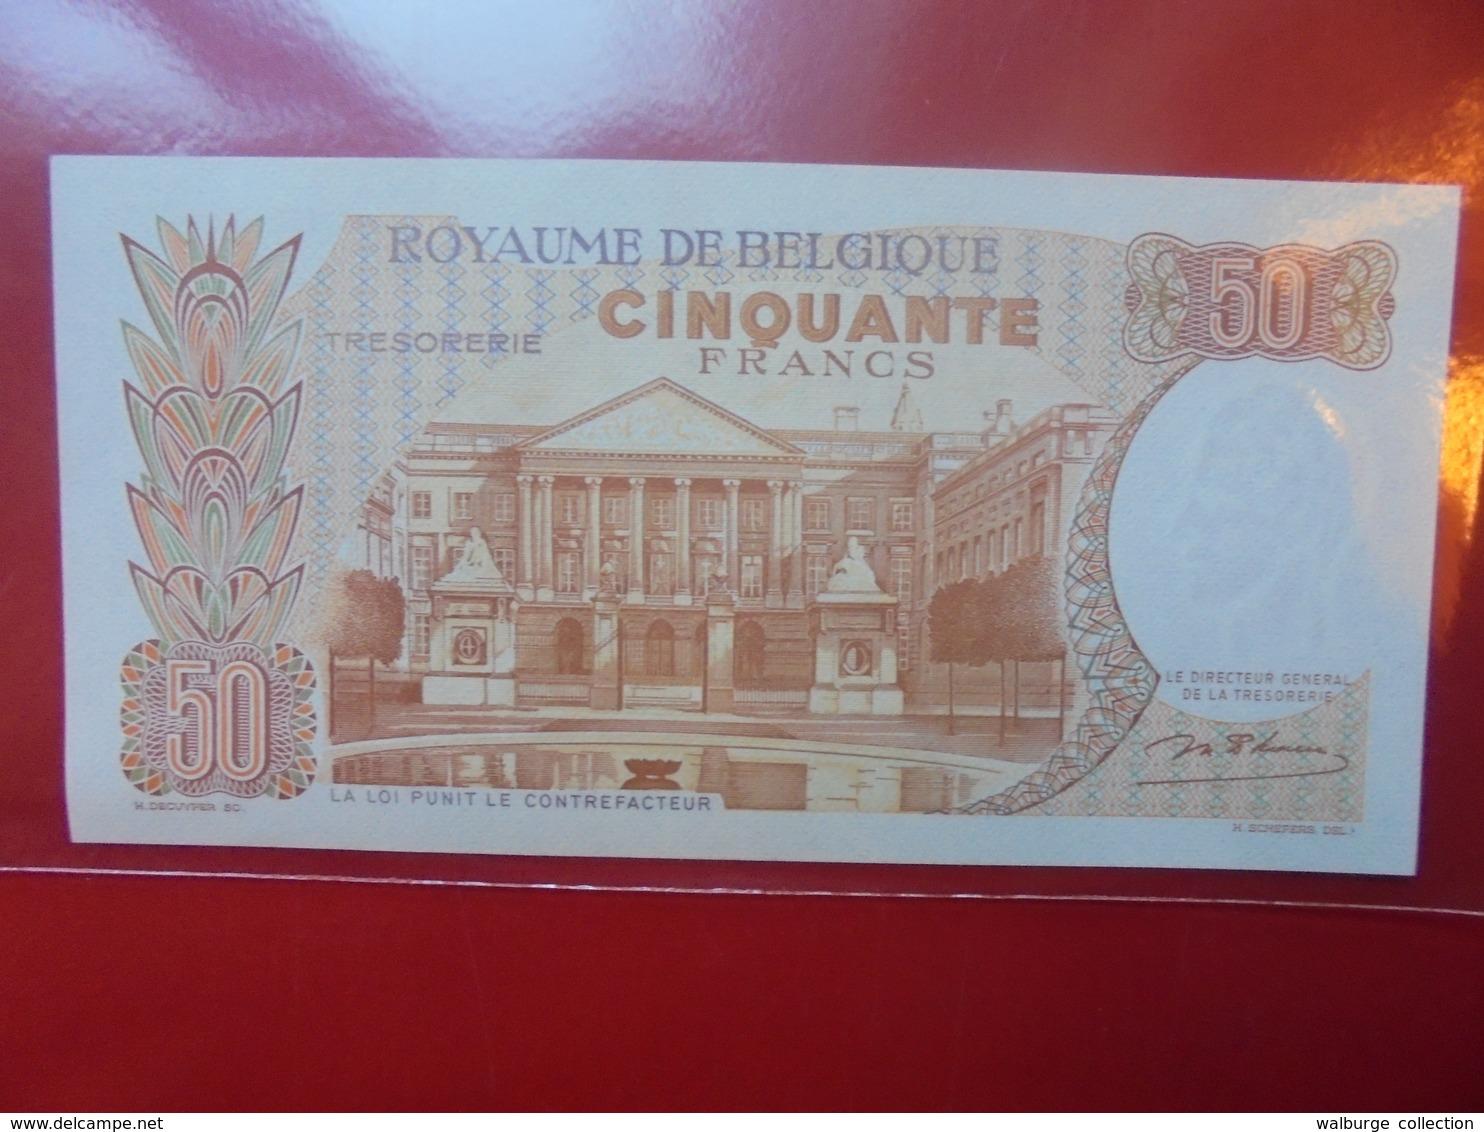 BELGIQUE 50 FRANCS 1966 CIRCULER TRES BELLE QUALITE ! - [ 6] Trésorerie